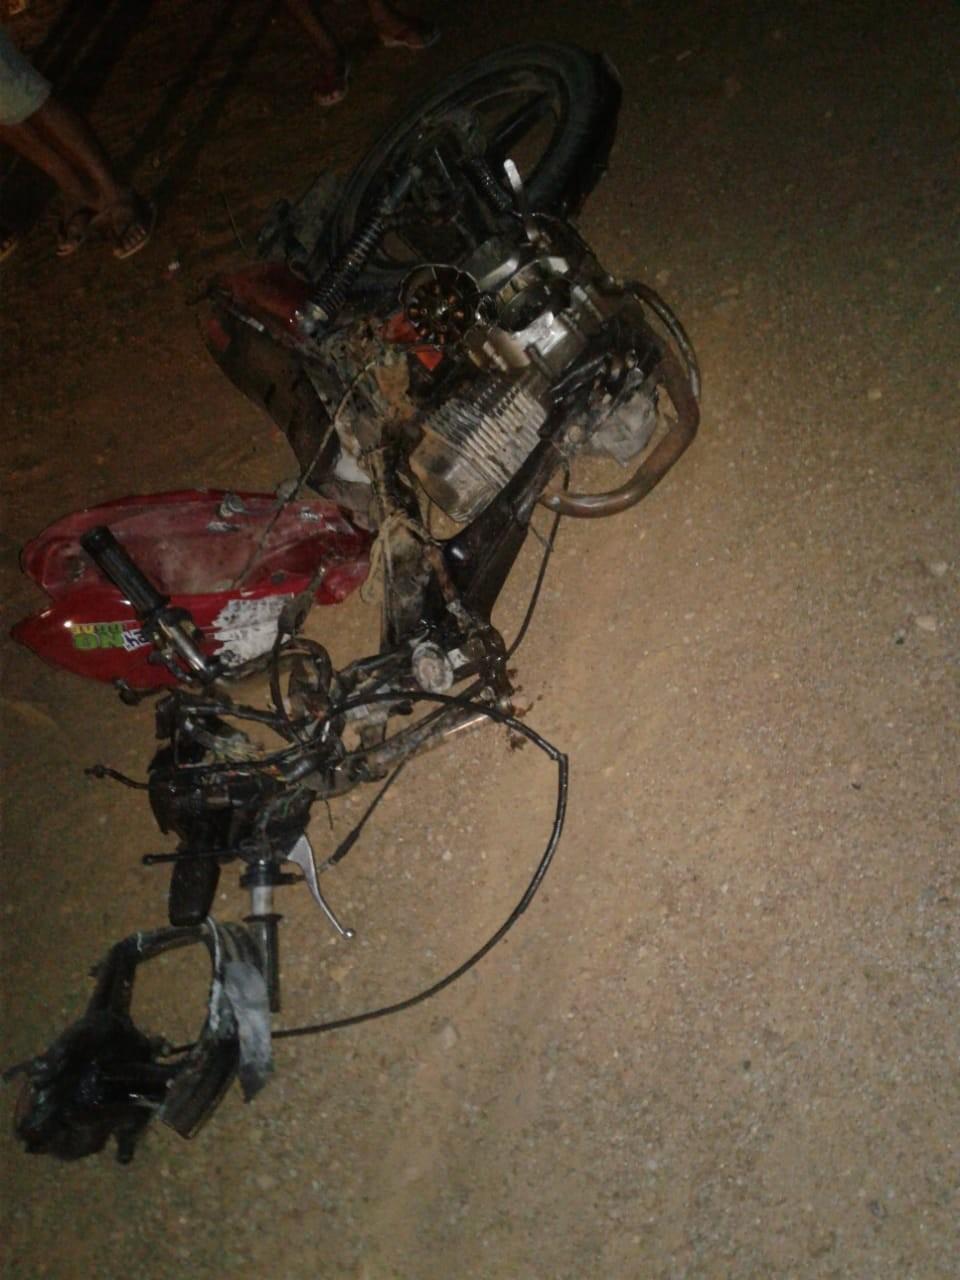 Homem morre em acidente de moto na Estrada da Tapera em Petrolina, PE - Notícias - Plantão Diário